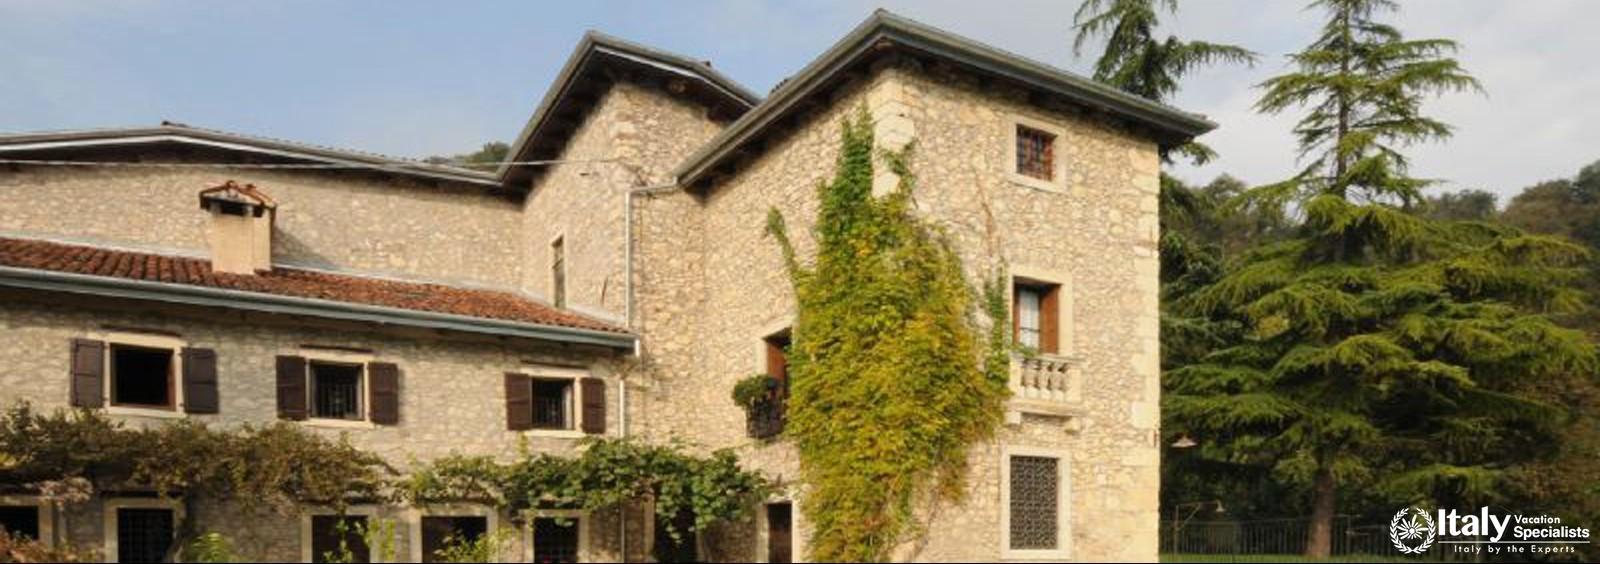 Exterior of Villa Delizioso